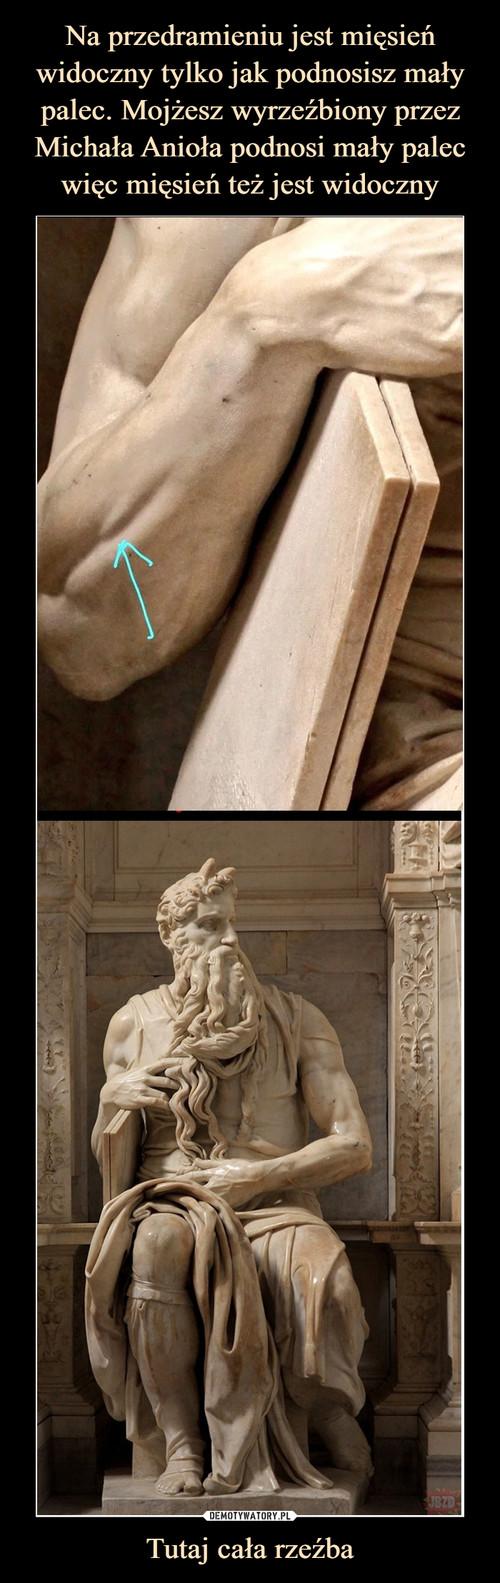 Na przedramieniu jest mięsień widoczny tylko jak podnosisz mały palec. Mojżesz wyrzeźbiony przez Michała Anioła podnosi mały palec więc mięsień też jest widoczny Tutaj cała rzeźba